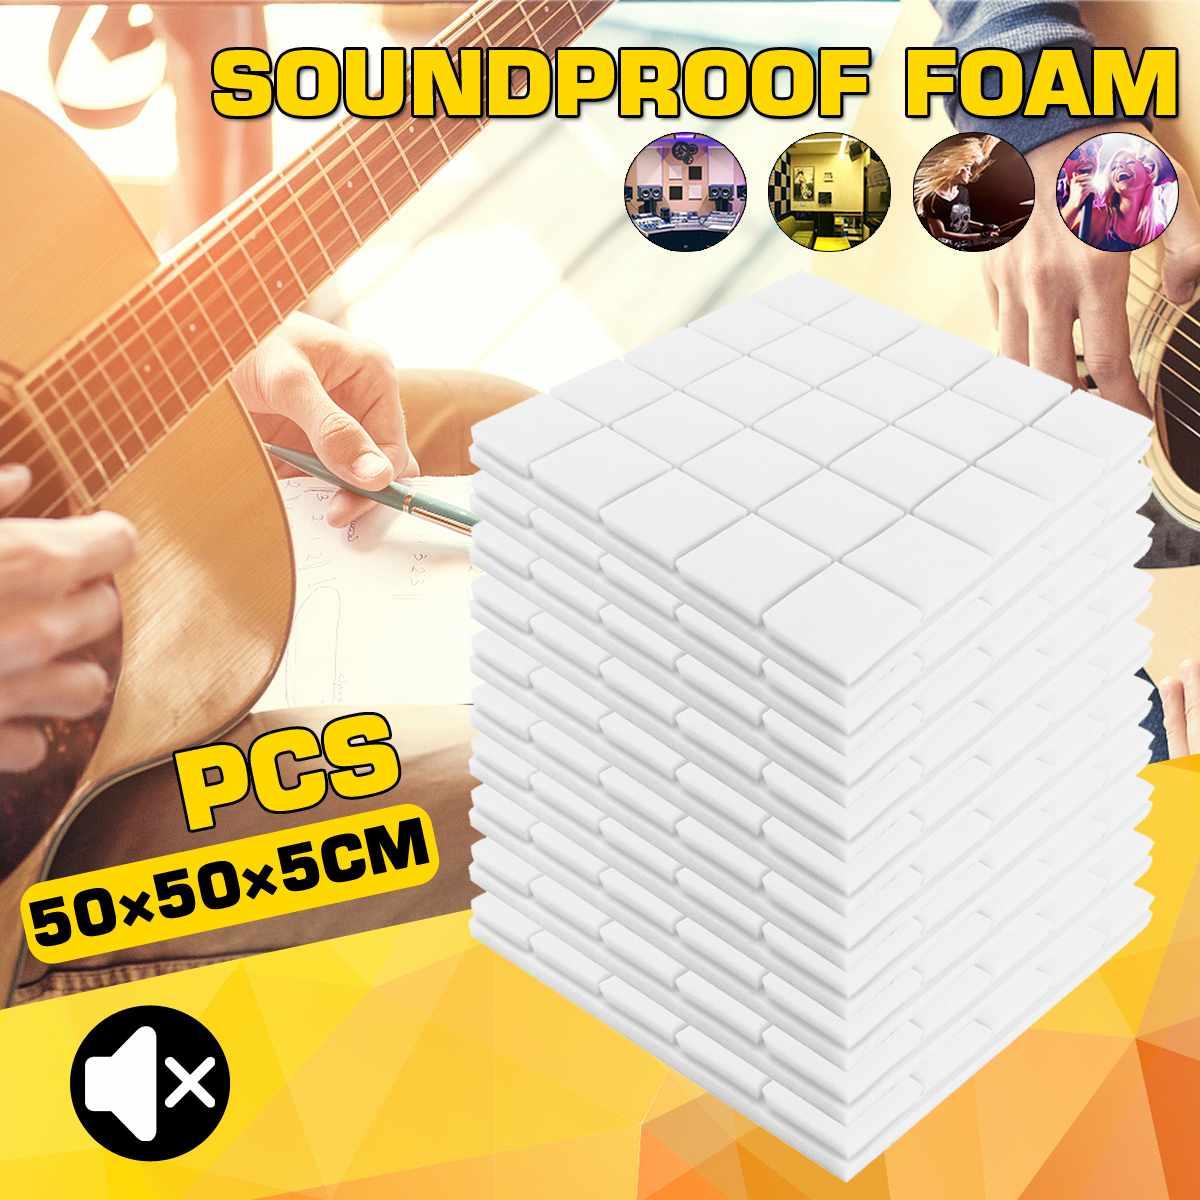 50x50x5cm 4pcs Soundproof Foam Studio Acoustic Sound Absorption Treatment Panel Tile Wedge Protective Sponge